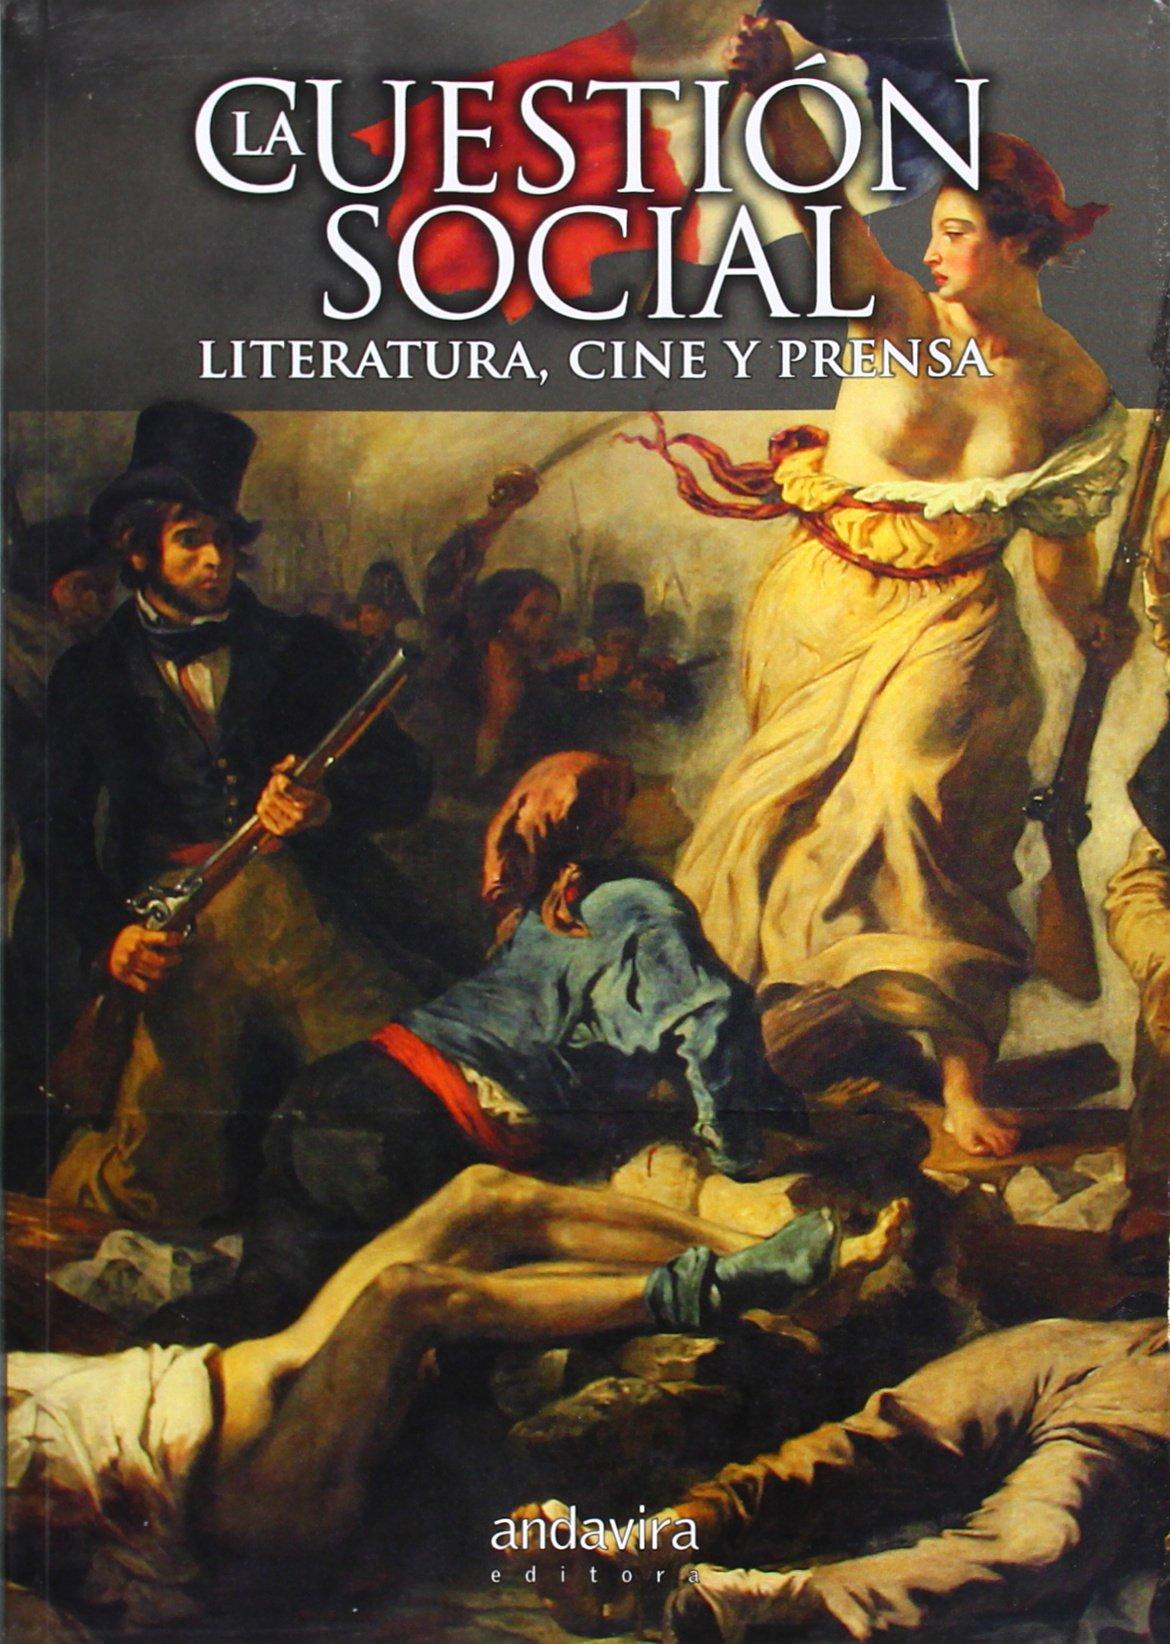 La Cuestión Social. Literatura, cine y prensa pdf